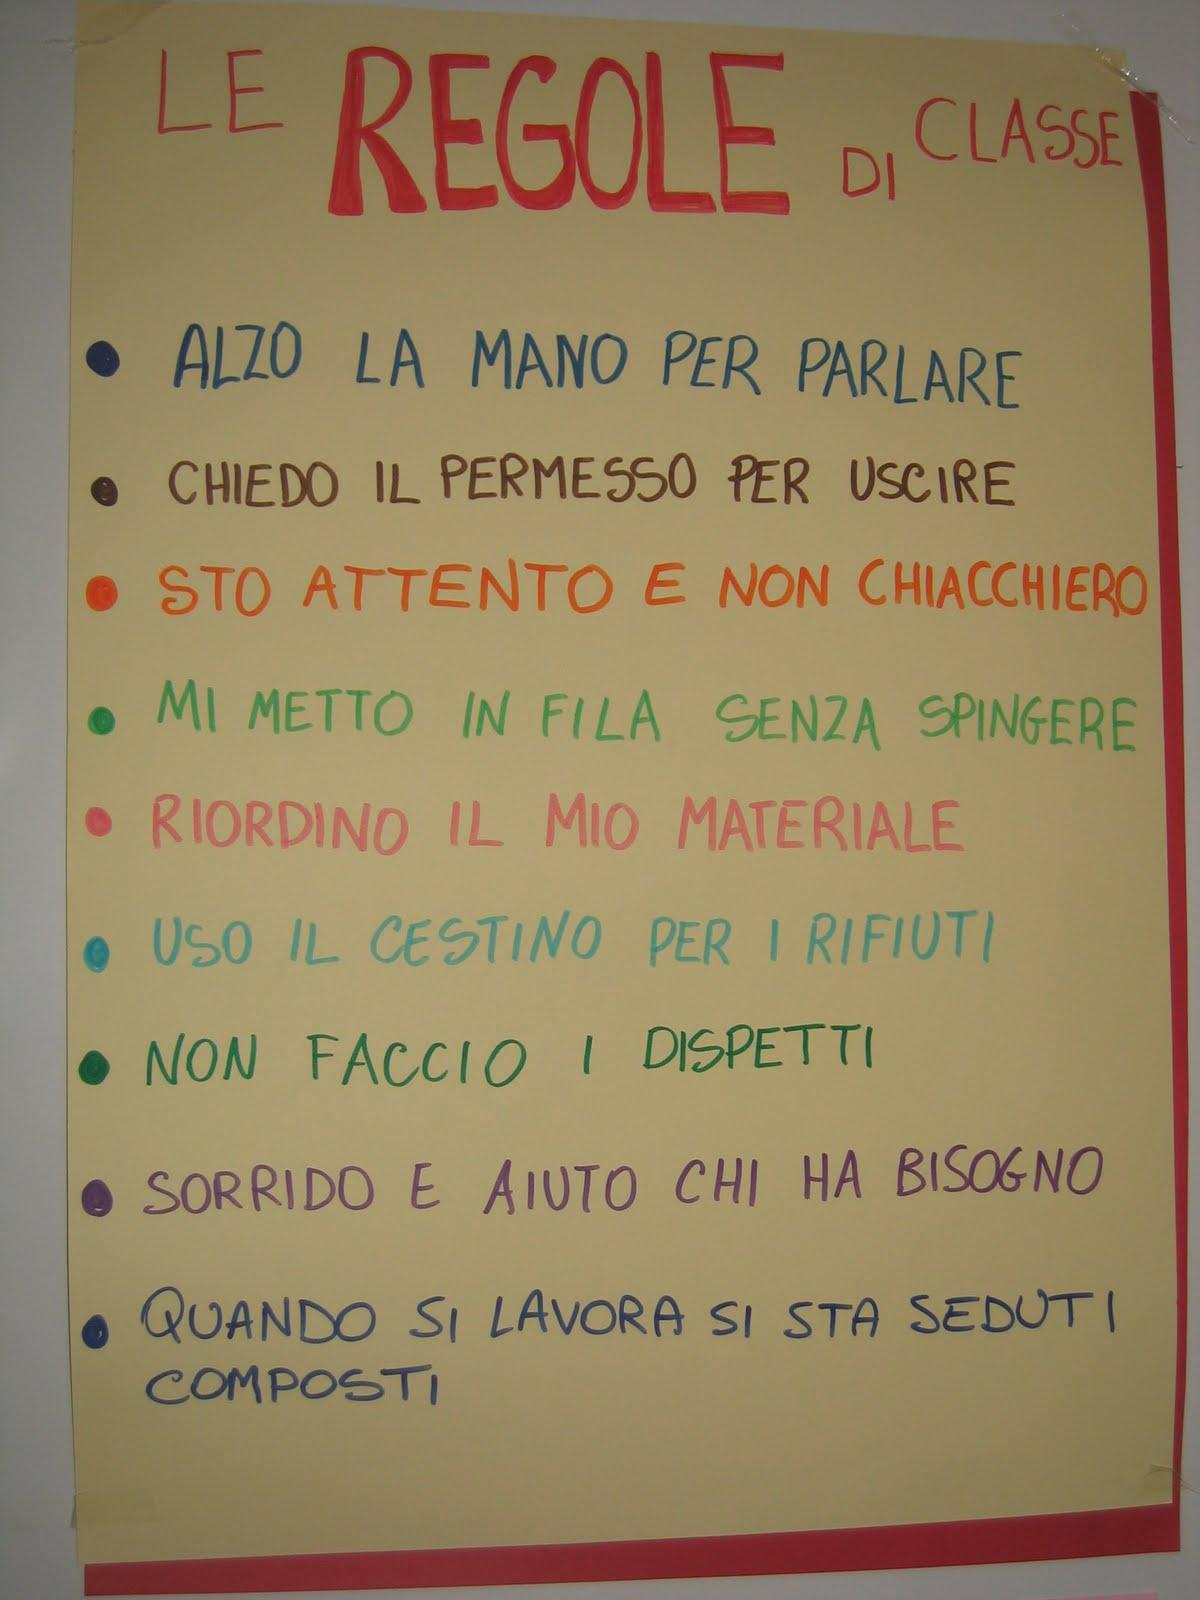 Super Le Regole Della Classe Scuola Primaria ER38 » Regardsdefemmes OF78